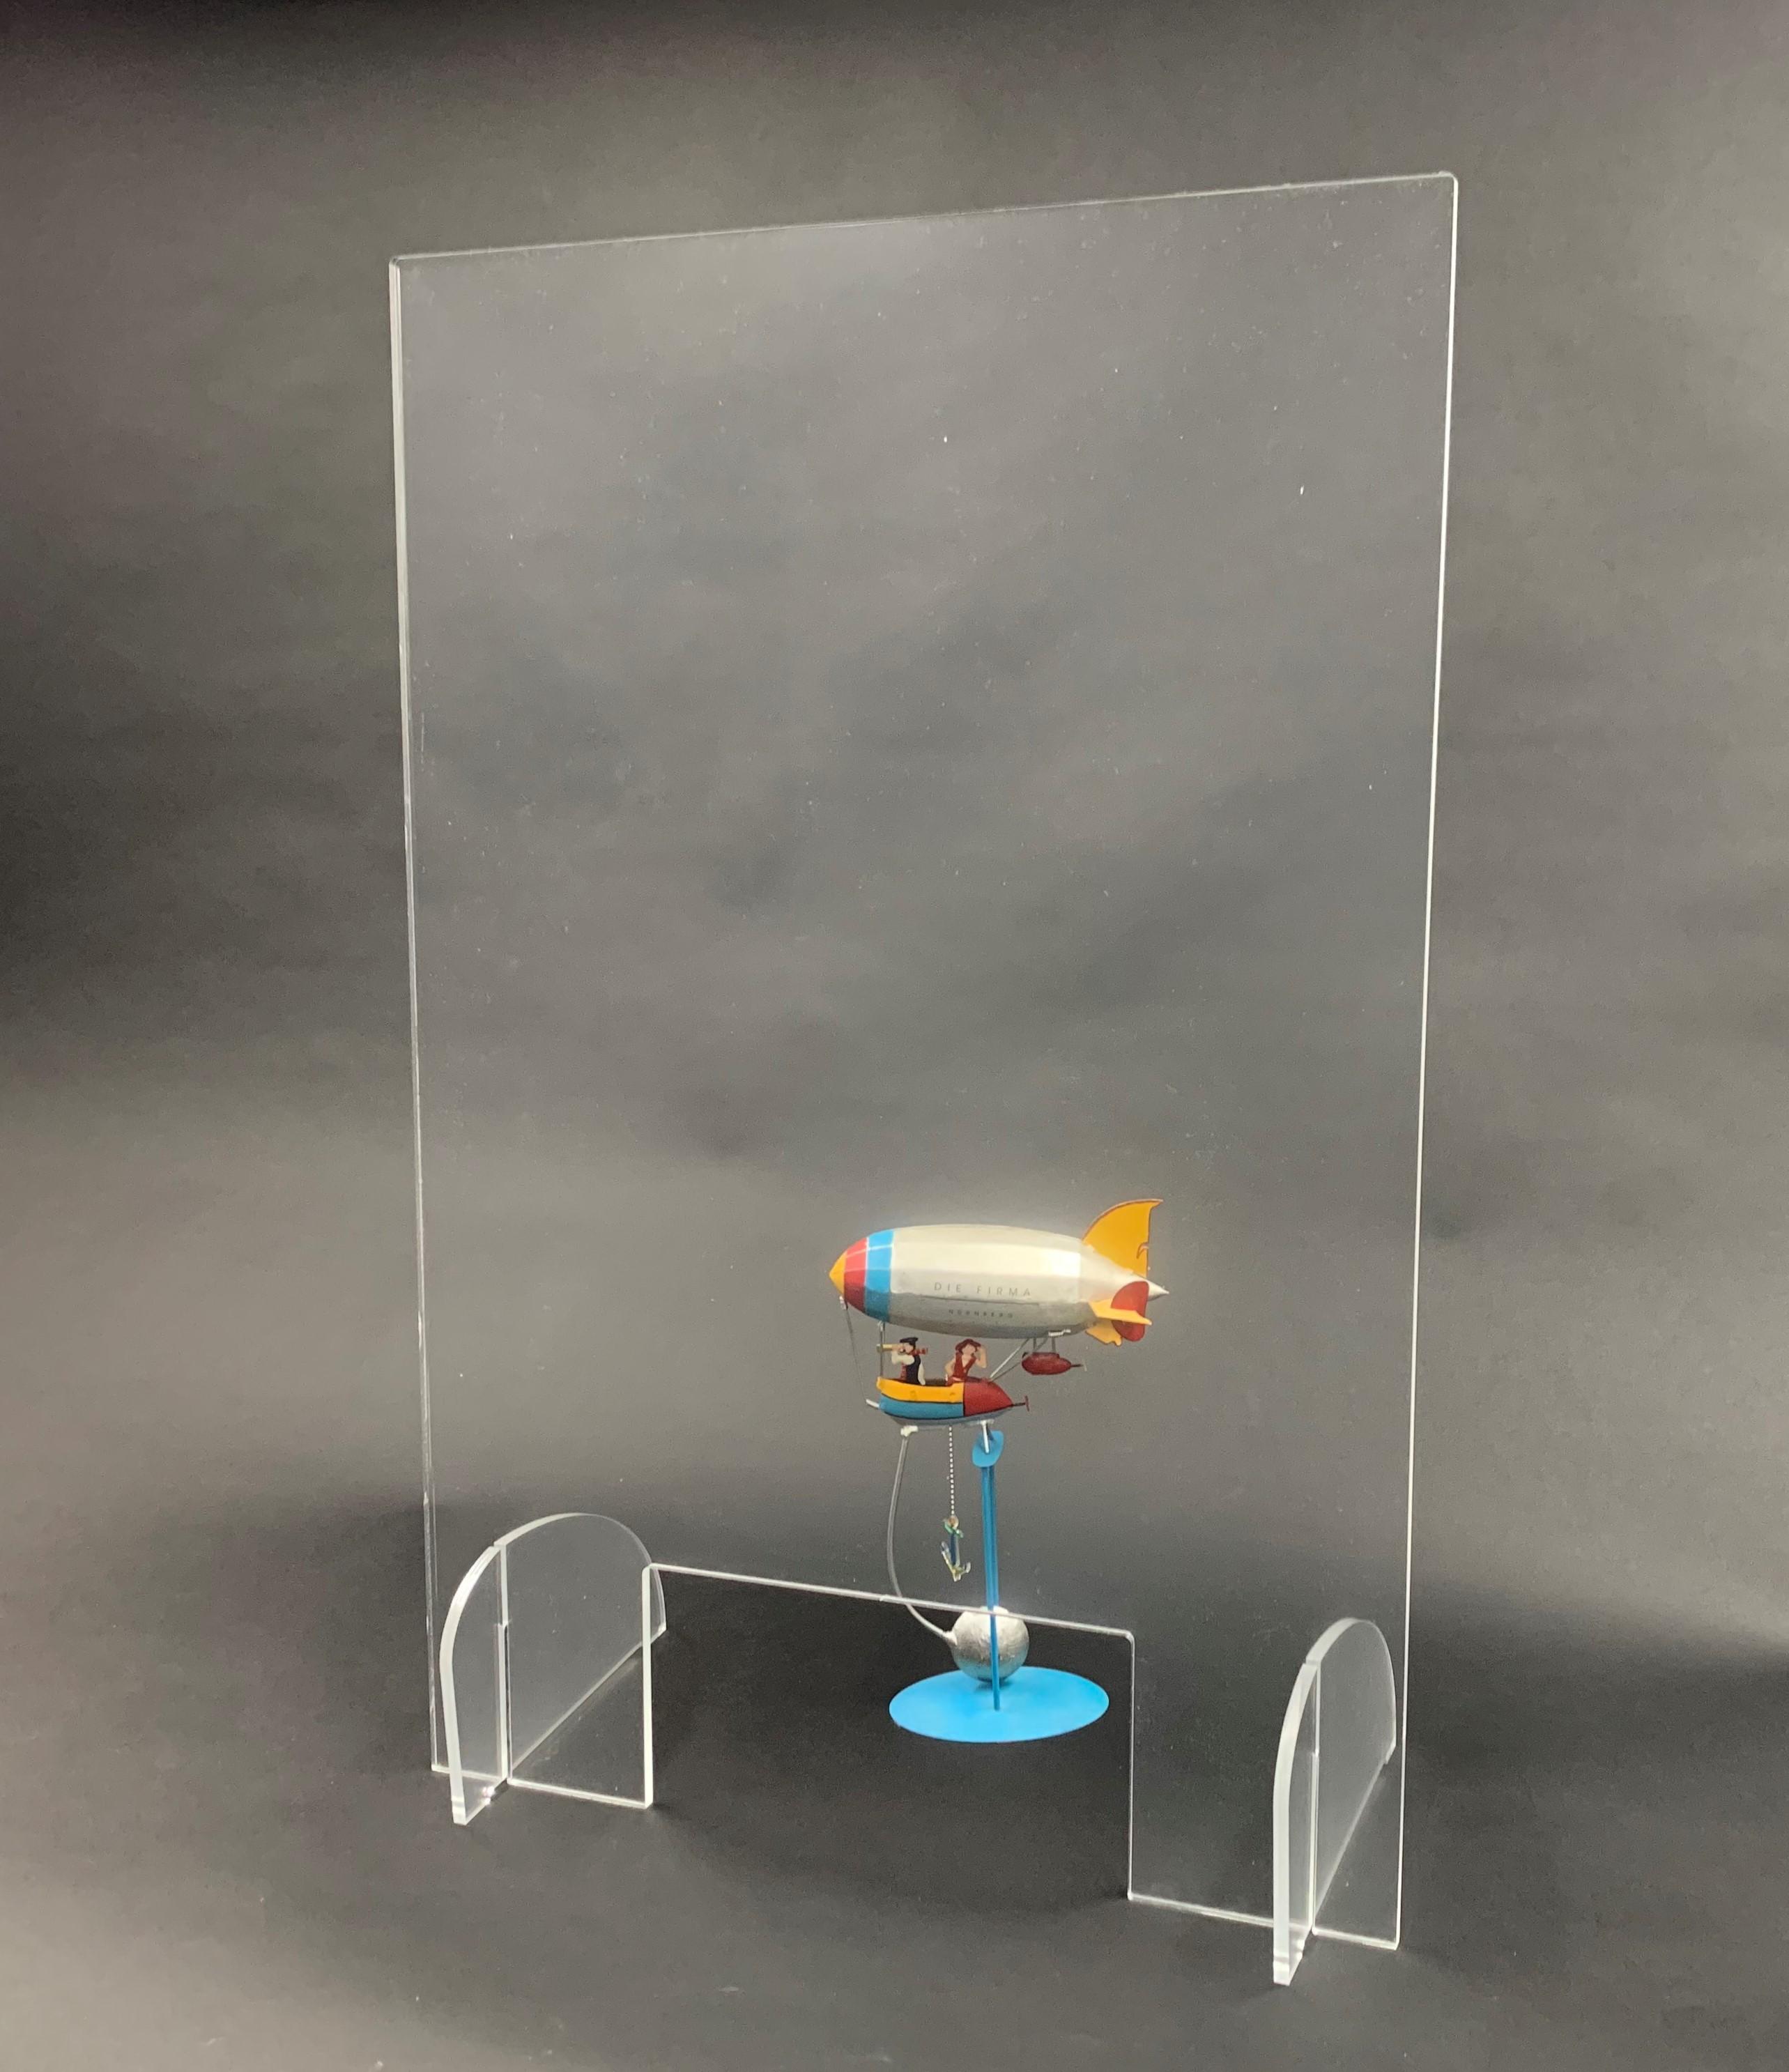 Spuckschutz 600x800mm (bxh) Aufsteller steckbar (Werkzeuglose Montage), inkl. Durchreiche 300x150mm (bxh)